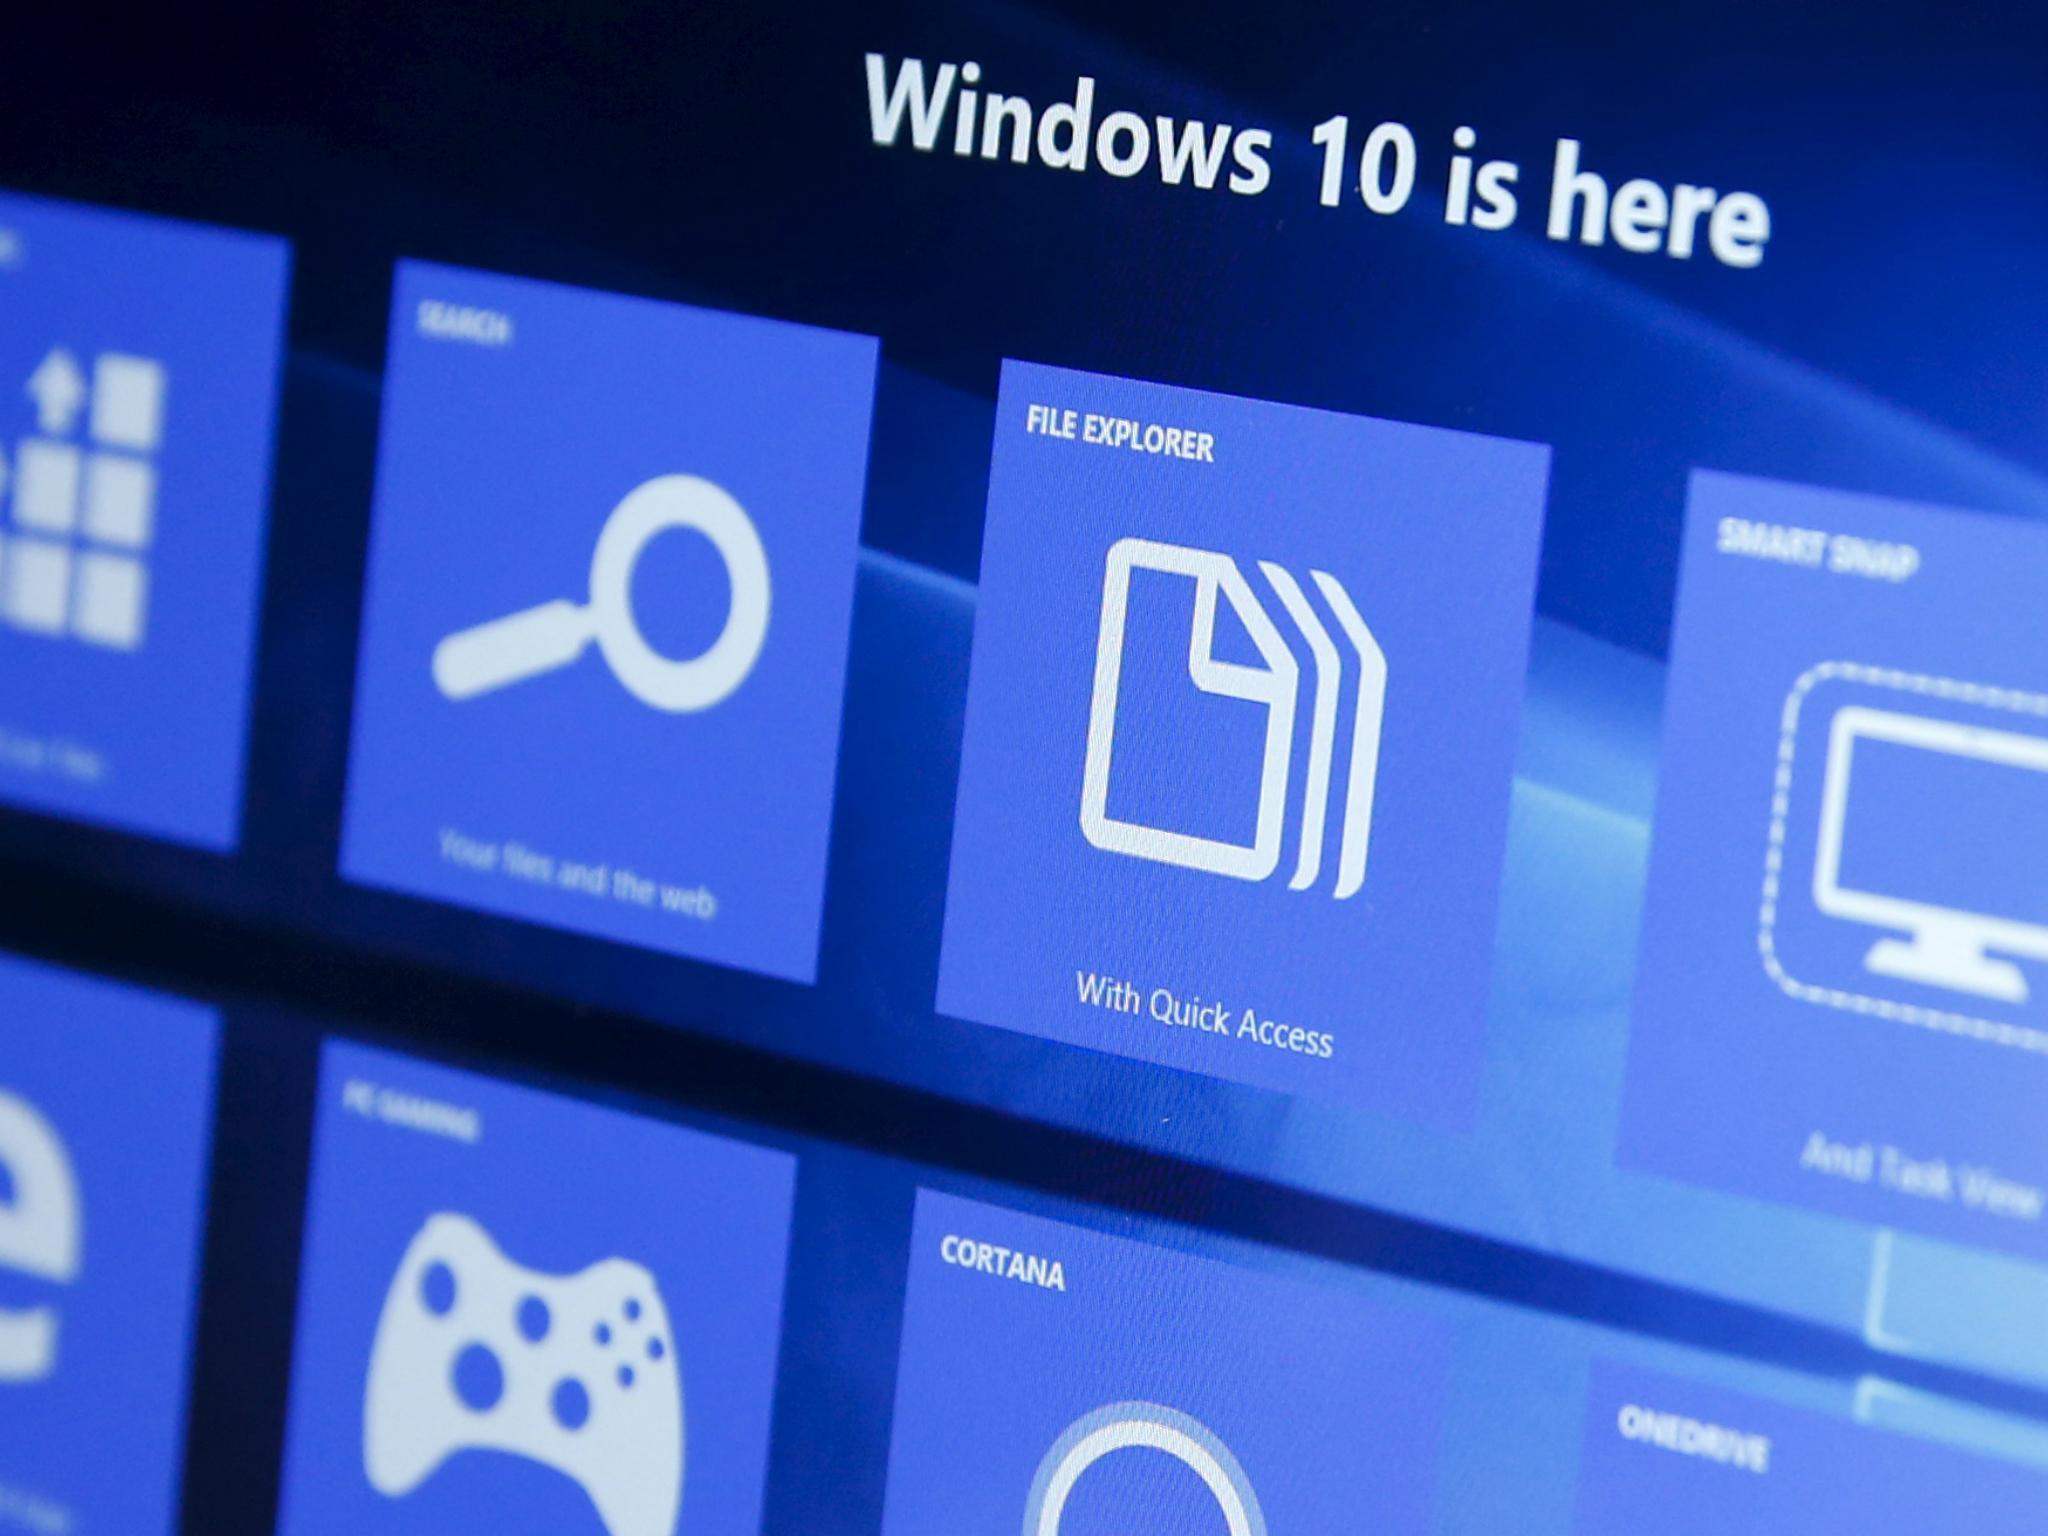 ВWindows 10 Fall Creators Update появятся мультиуровневые объявления